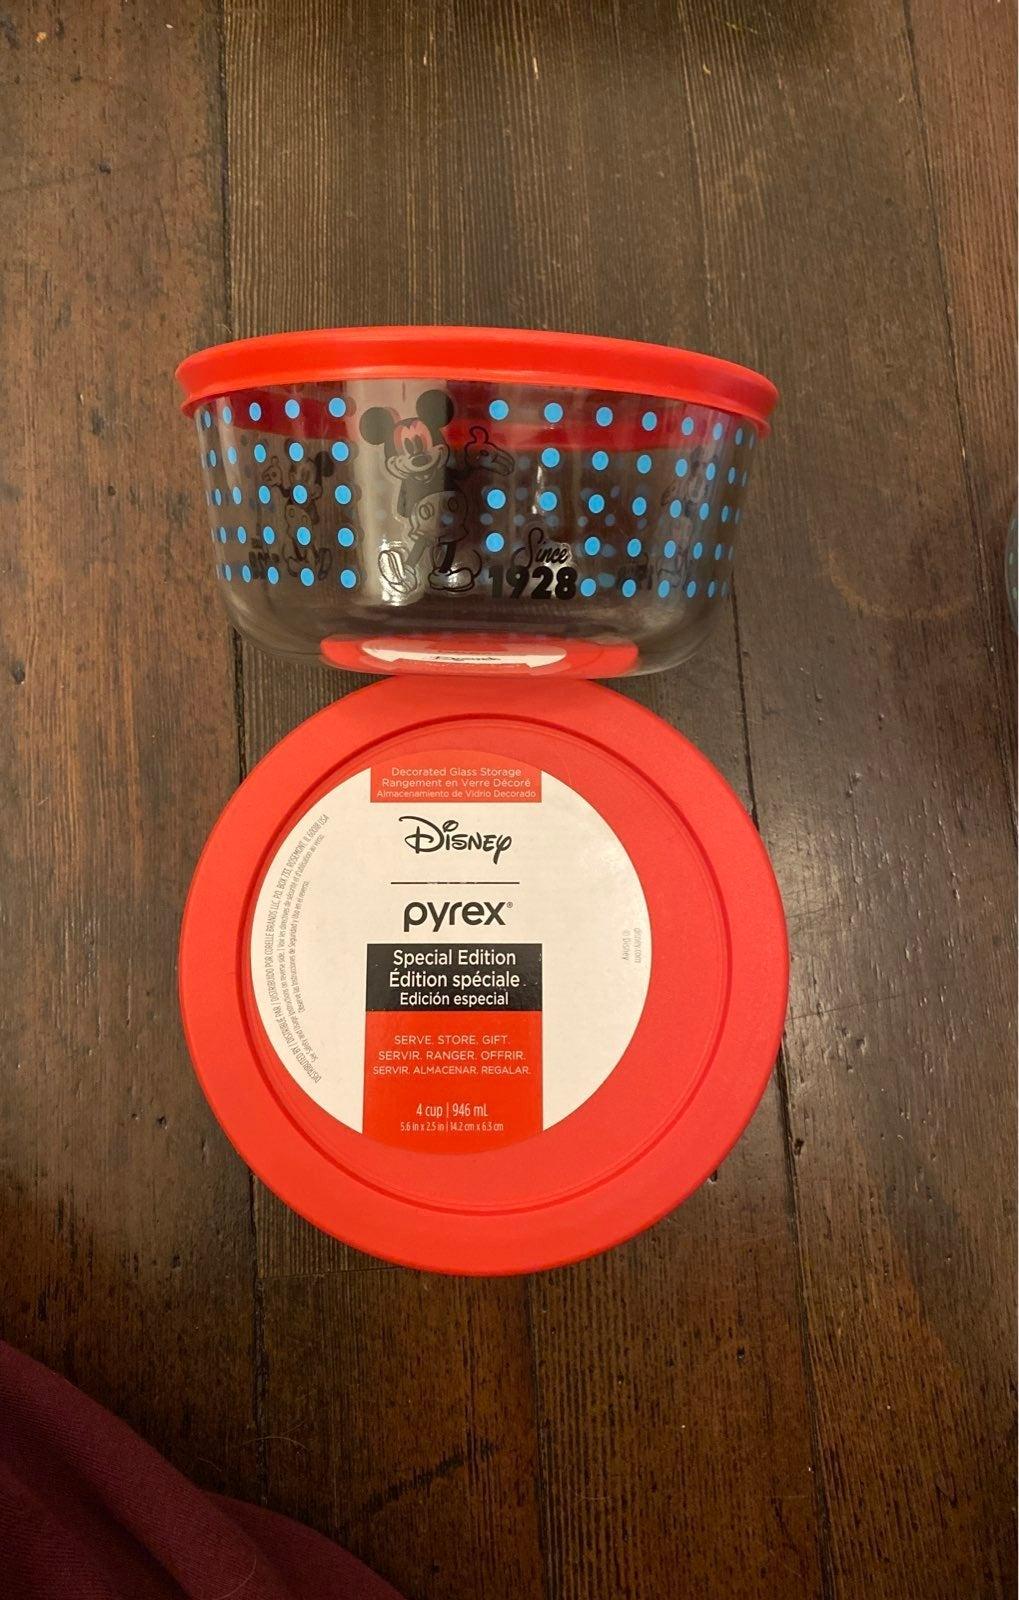 Mickey Mouse Disney Pyrex Glass Bowl two